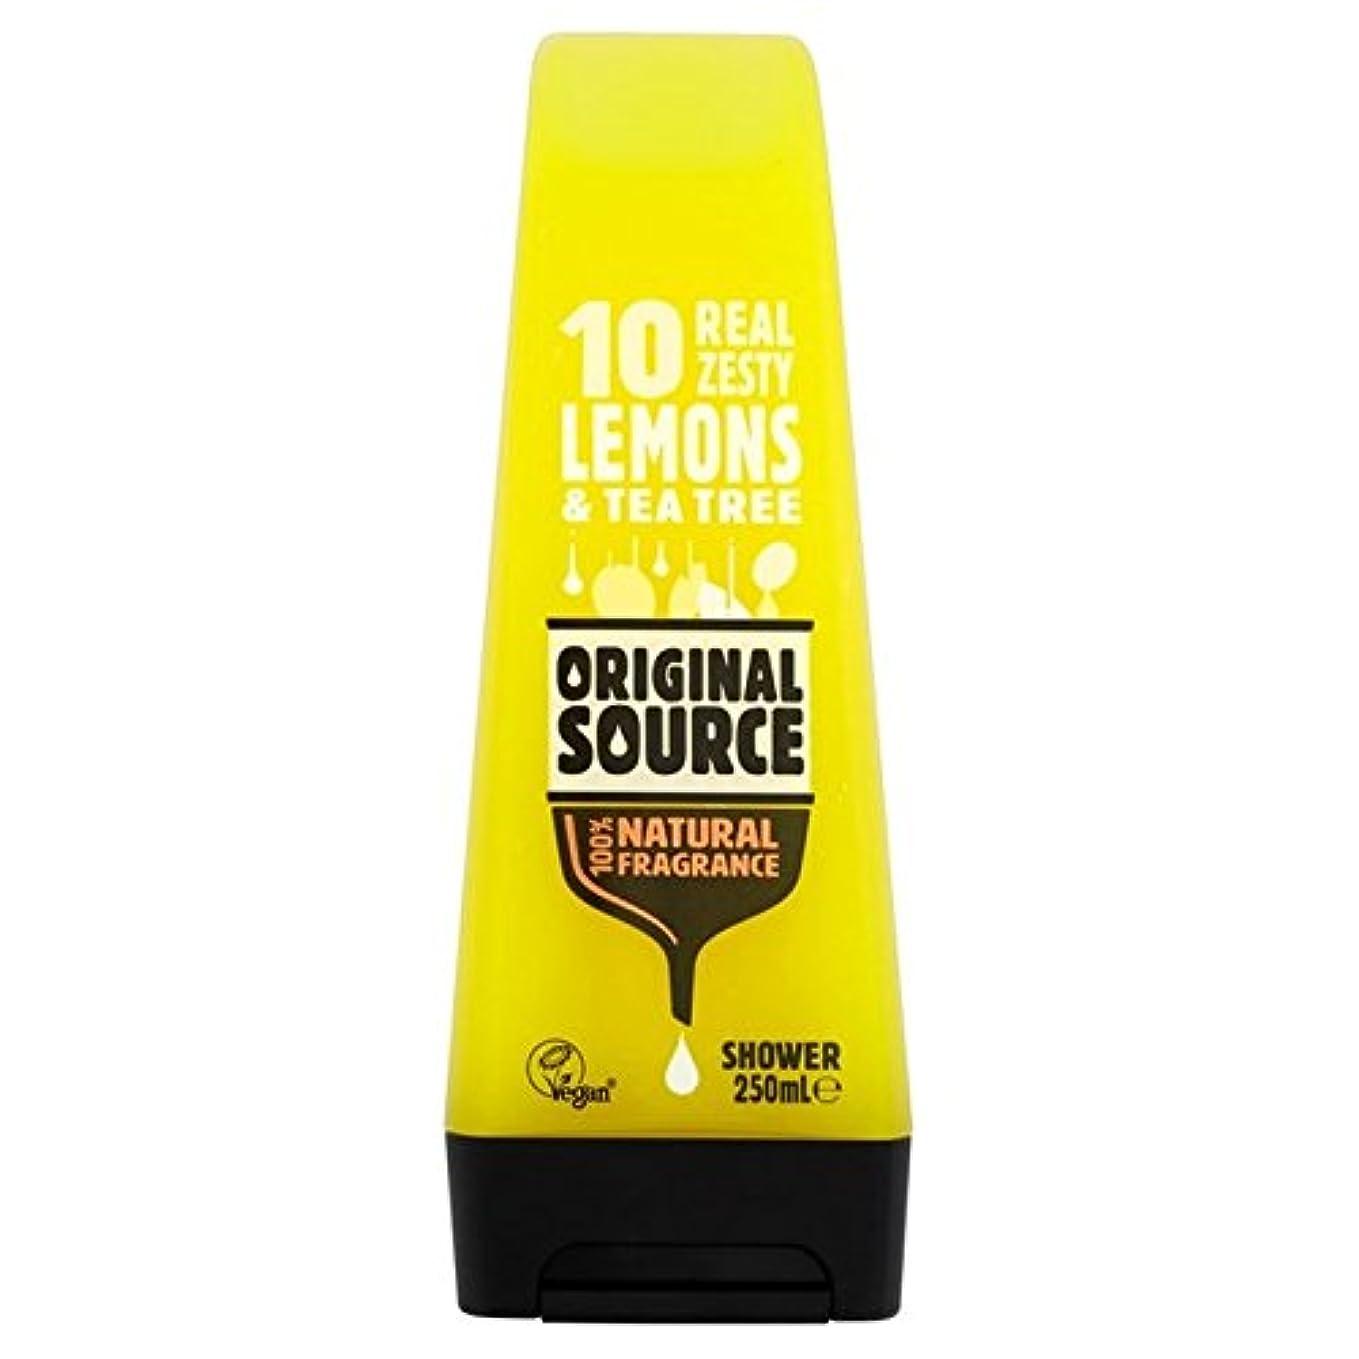 衝突違法メロドラマOriginal Source Lemon Shower Gel 250ml (Pack of 6) - 元のソースのレモンシャワージェル250ミリリットル x6 [並行輸入品]